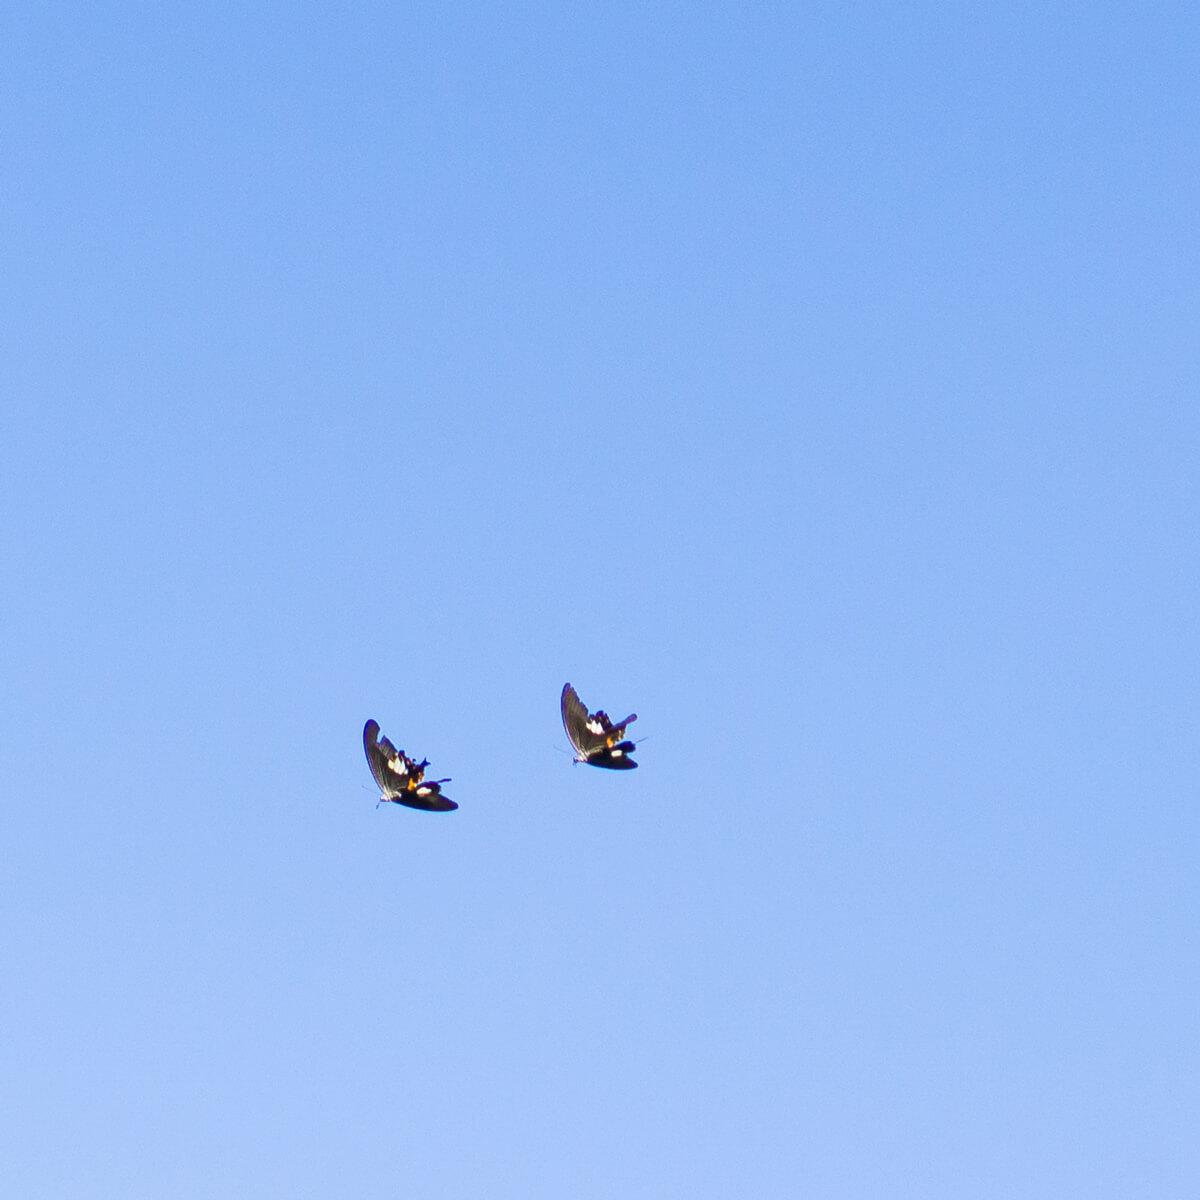 屋久島の空を舞う蝶 屋久島日々の暮らしとジュエリー オーダーメイドジュエリーのモチーフ